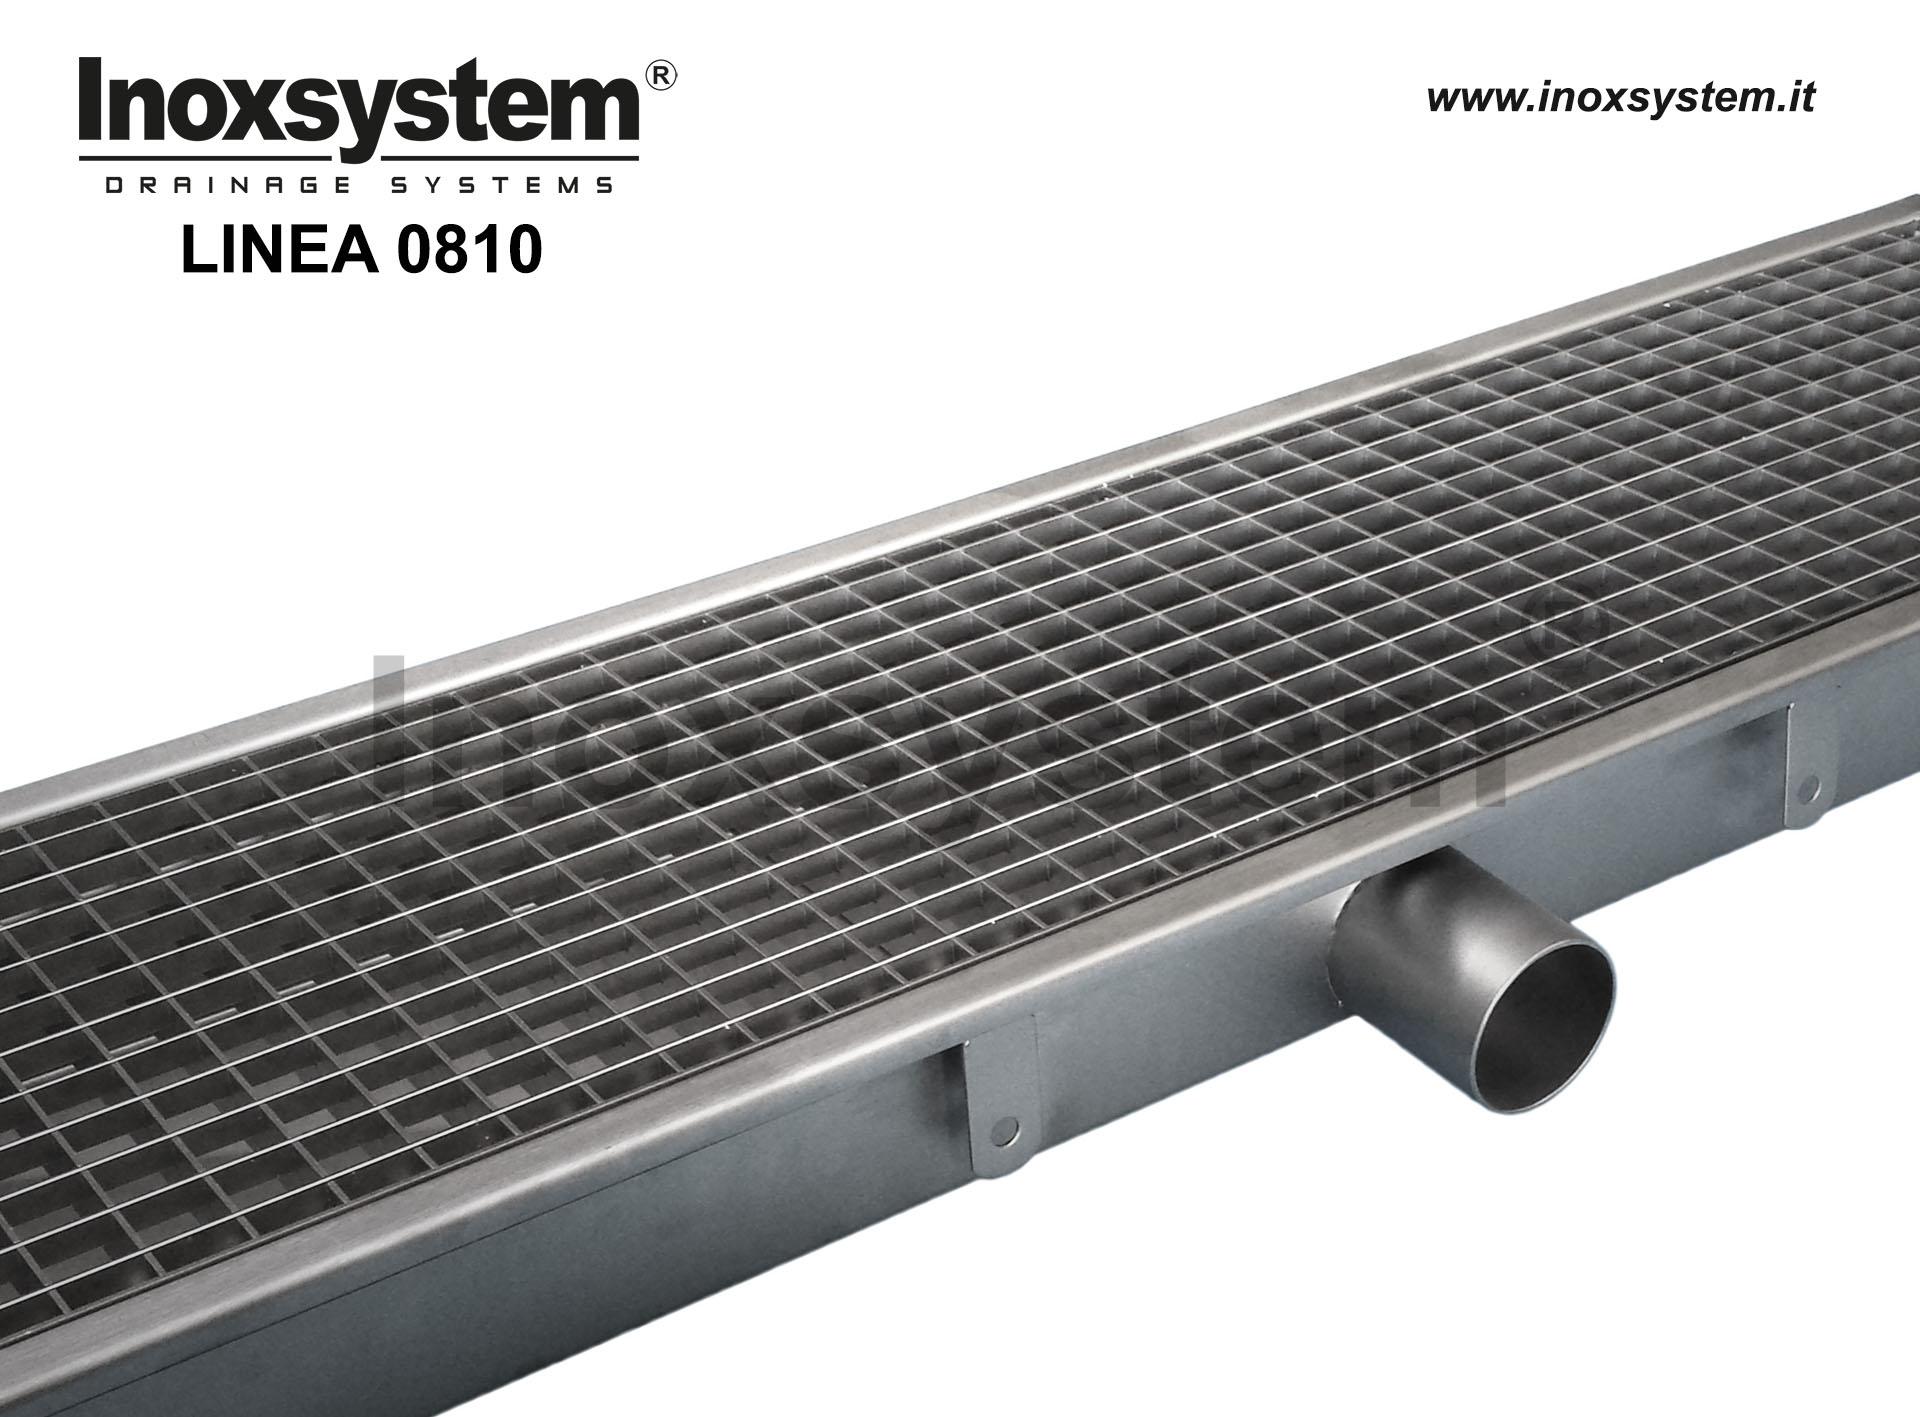 Canali in acciaio inox a griglia standard con scarico diretto non sifonato e cestello estraibile